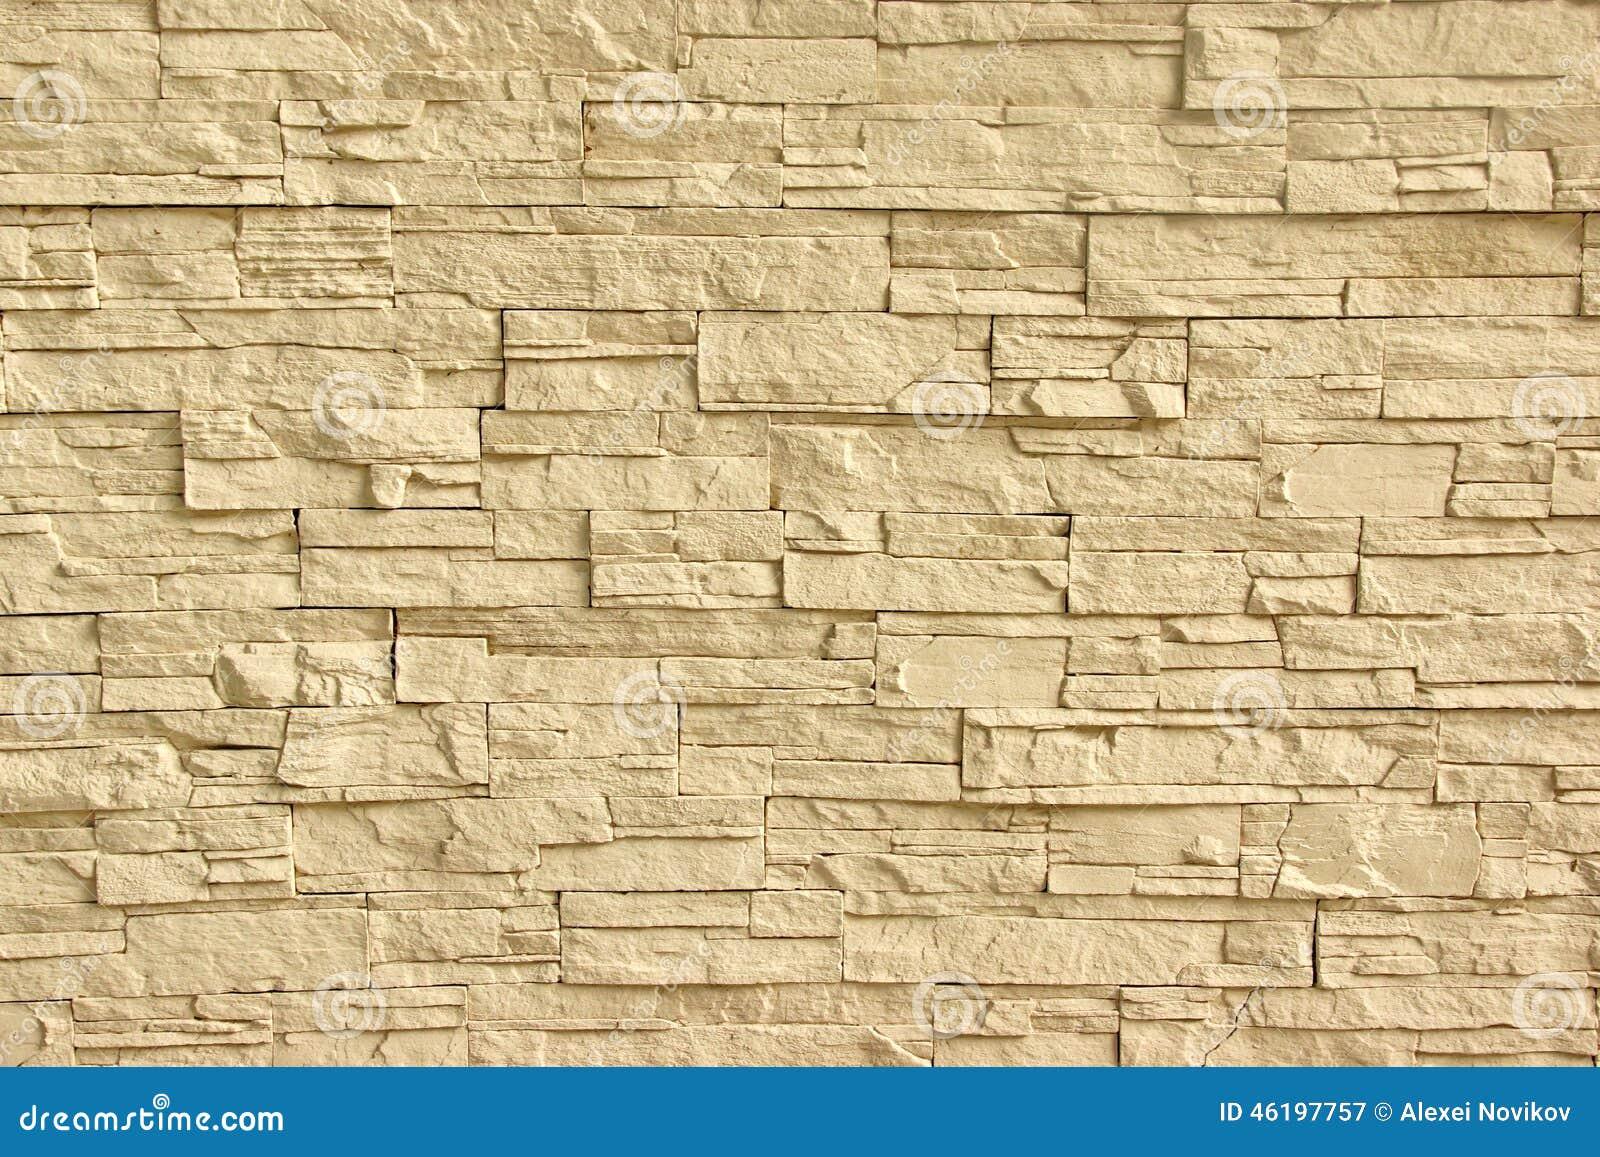 Pared de piedra artificial beige foto de archivo imagen - Pared de piedra artificial ...